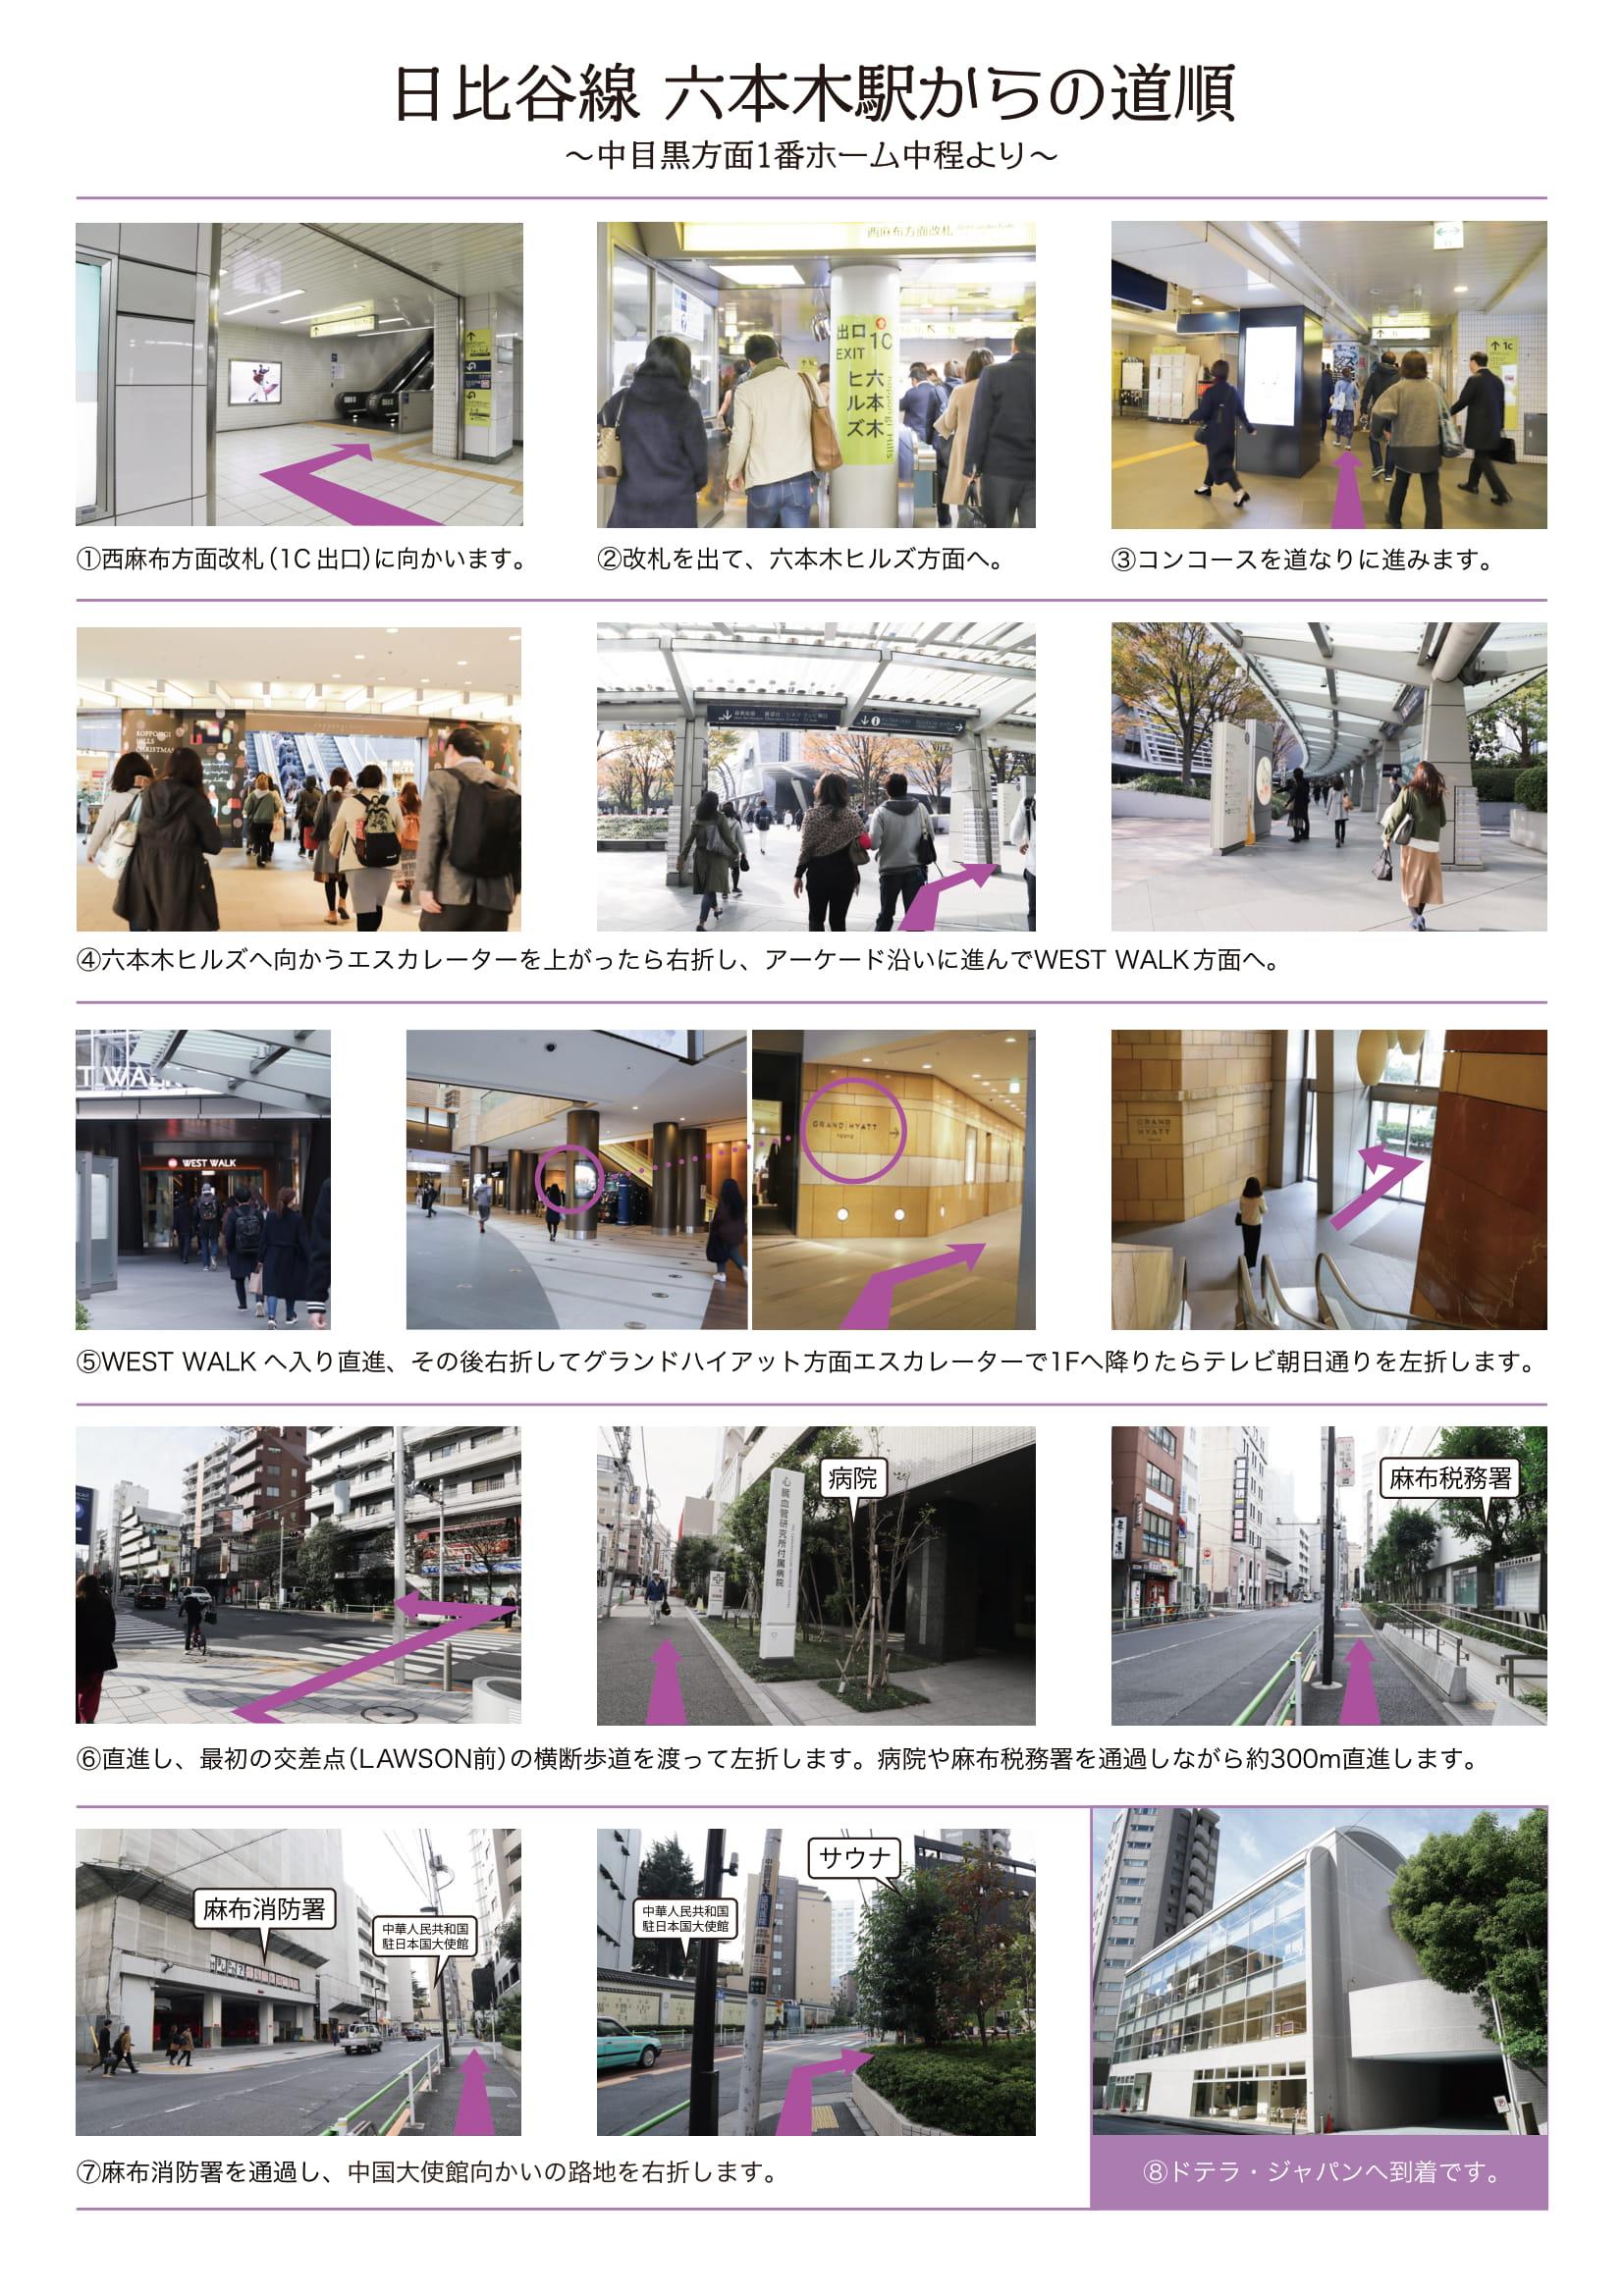 日比谷線 六本木駅からの道順